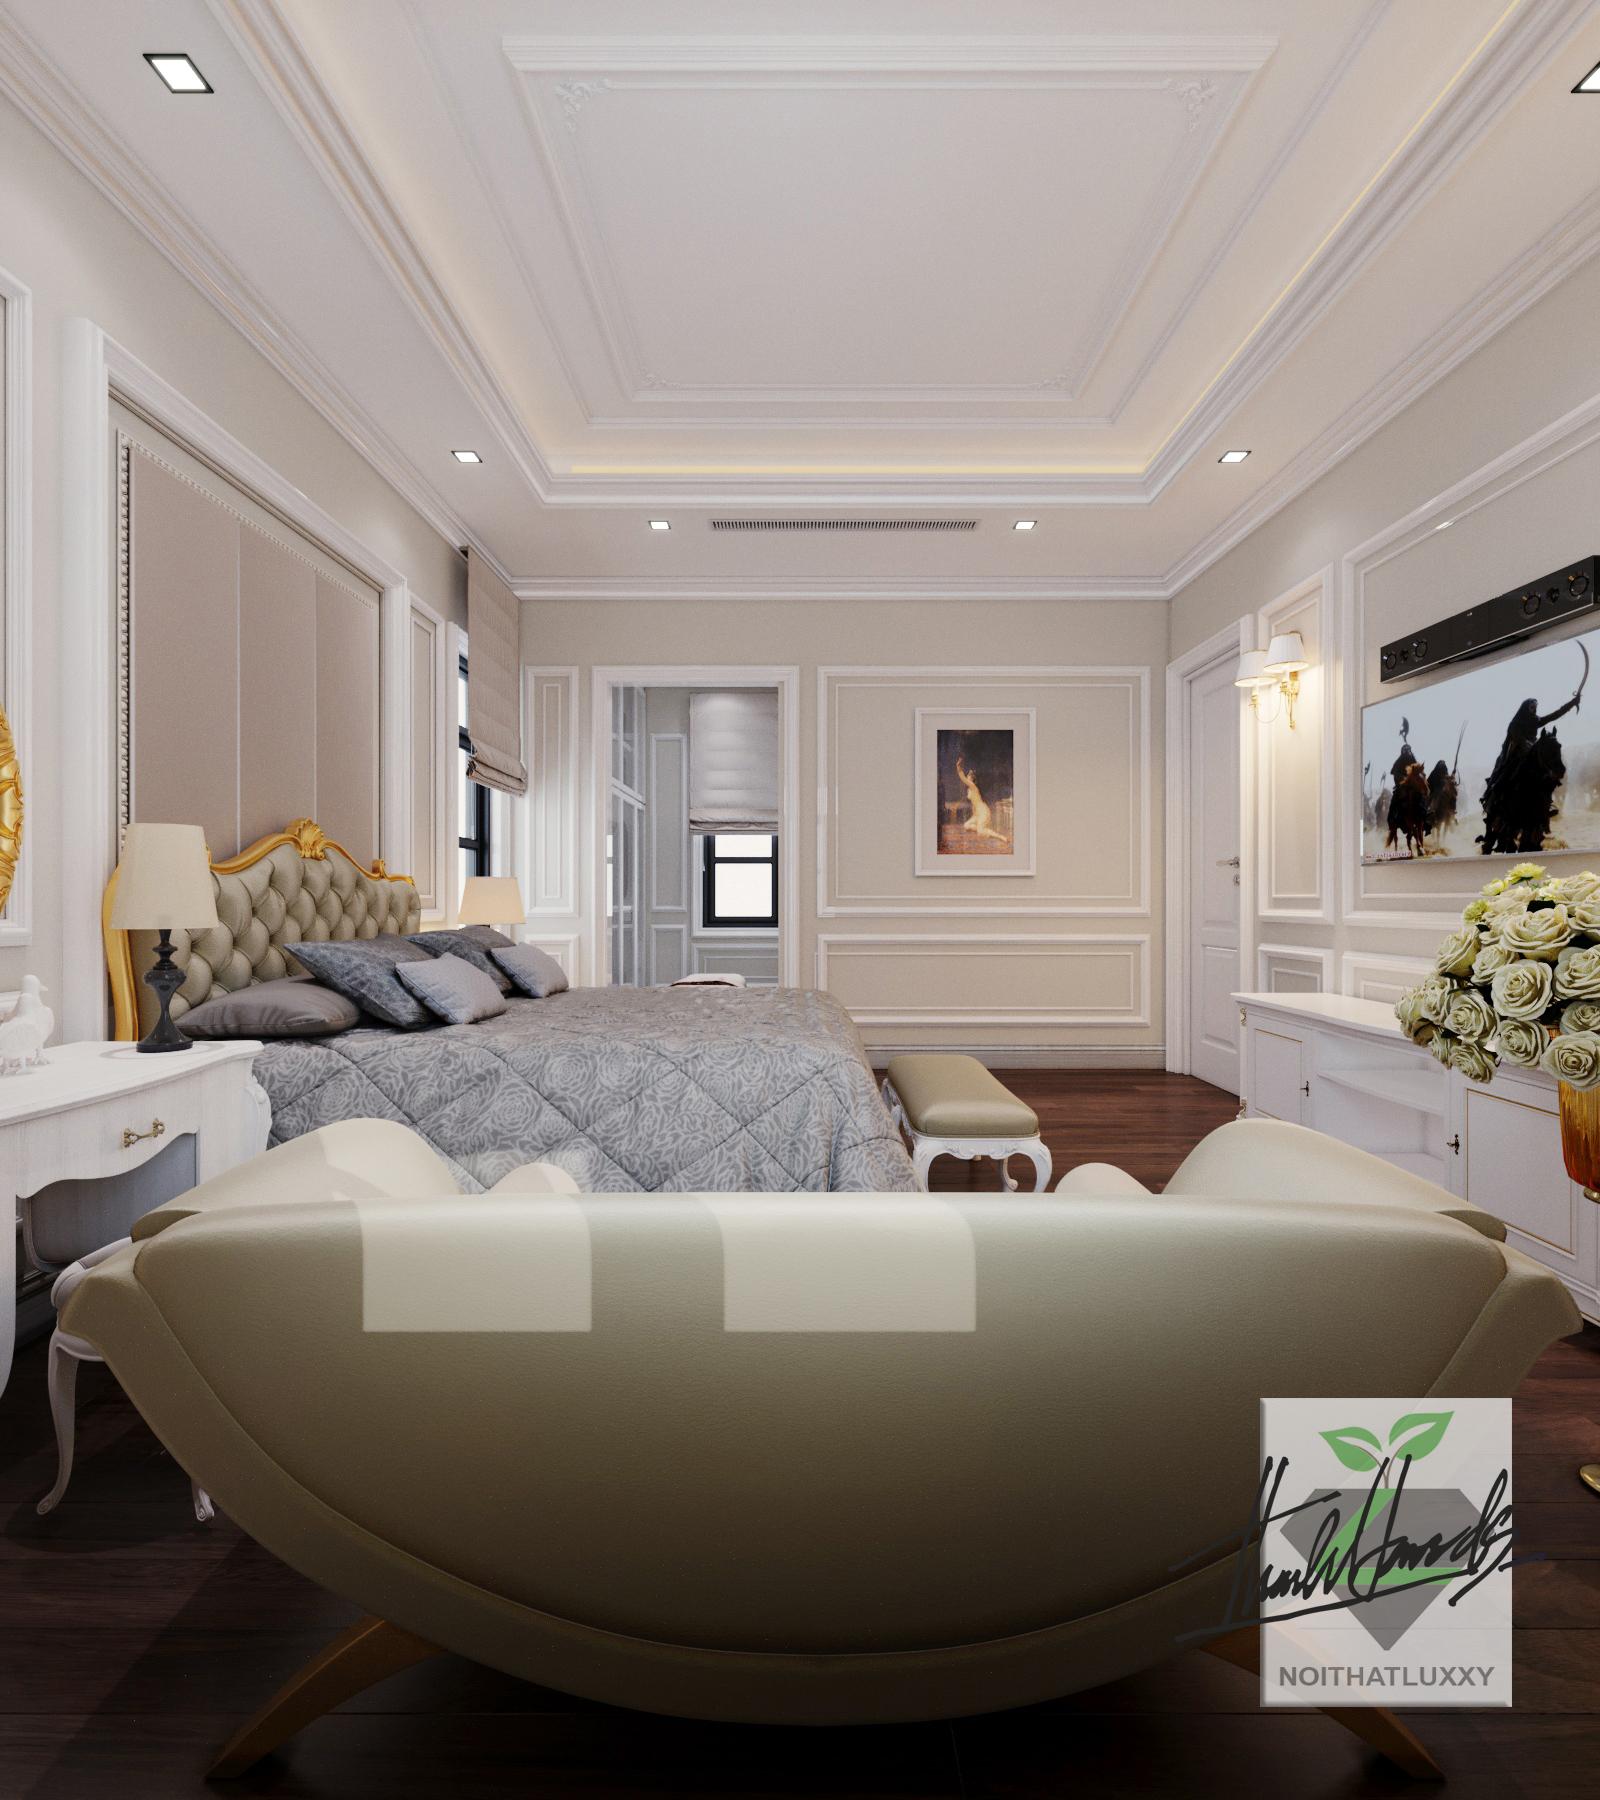 thiết kế nội thất Biệt Thự tại Hải Phòng Biệt thự Vinhomes - imperia ( khu MHT) 32 1568275641